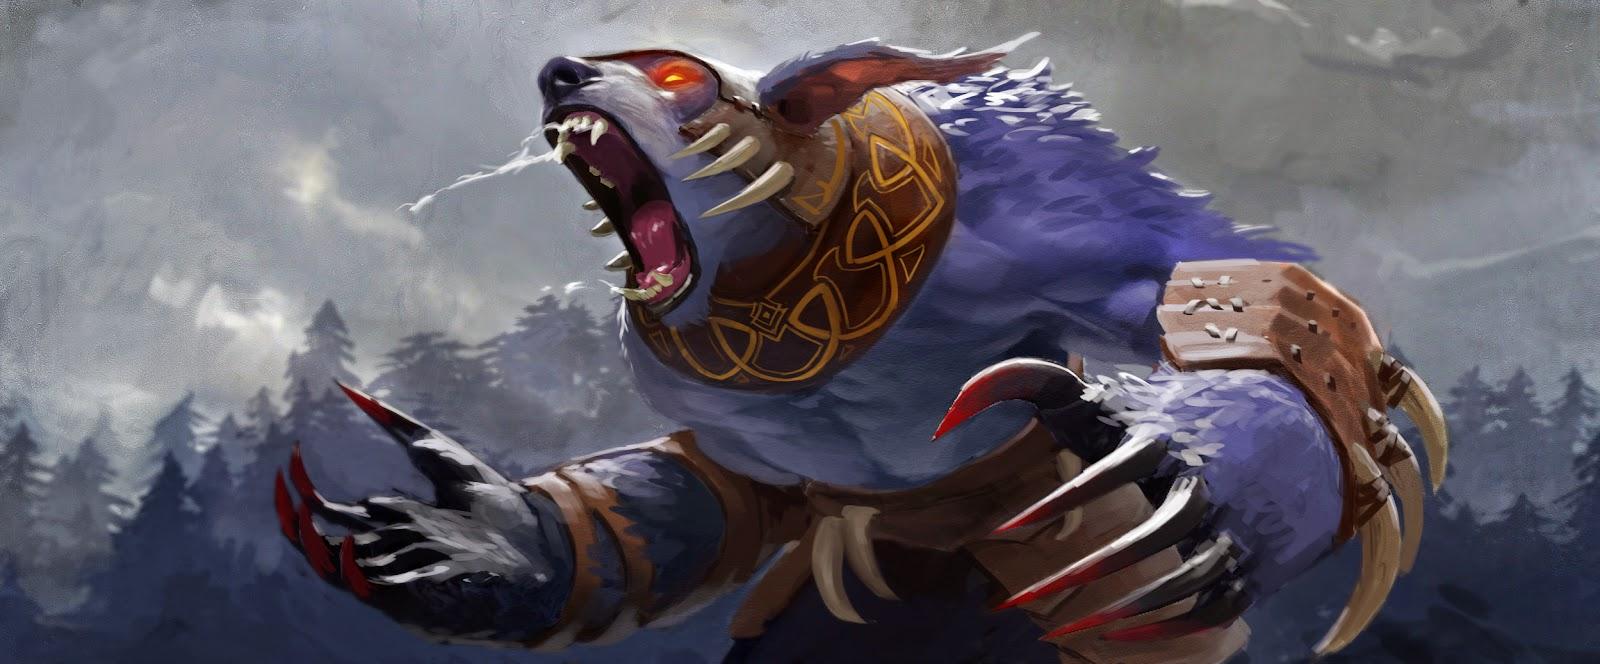 Dota 2, Ursa: a guide on the hero